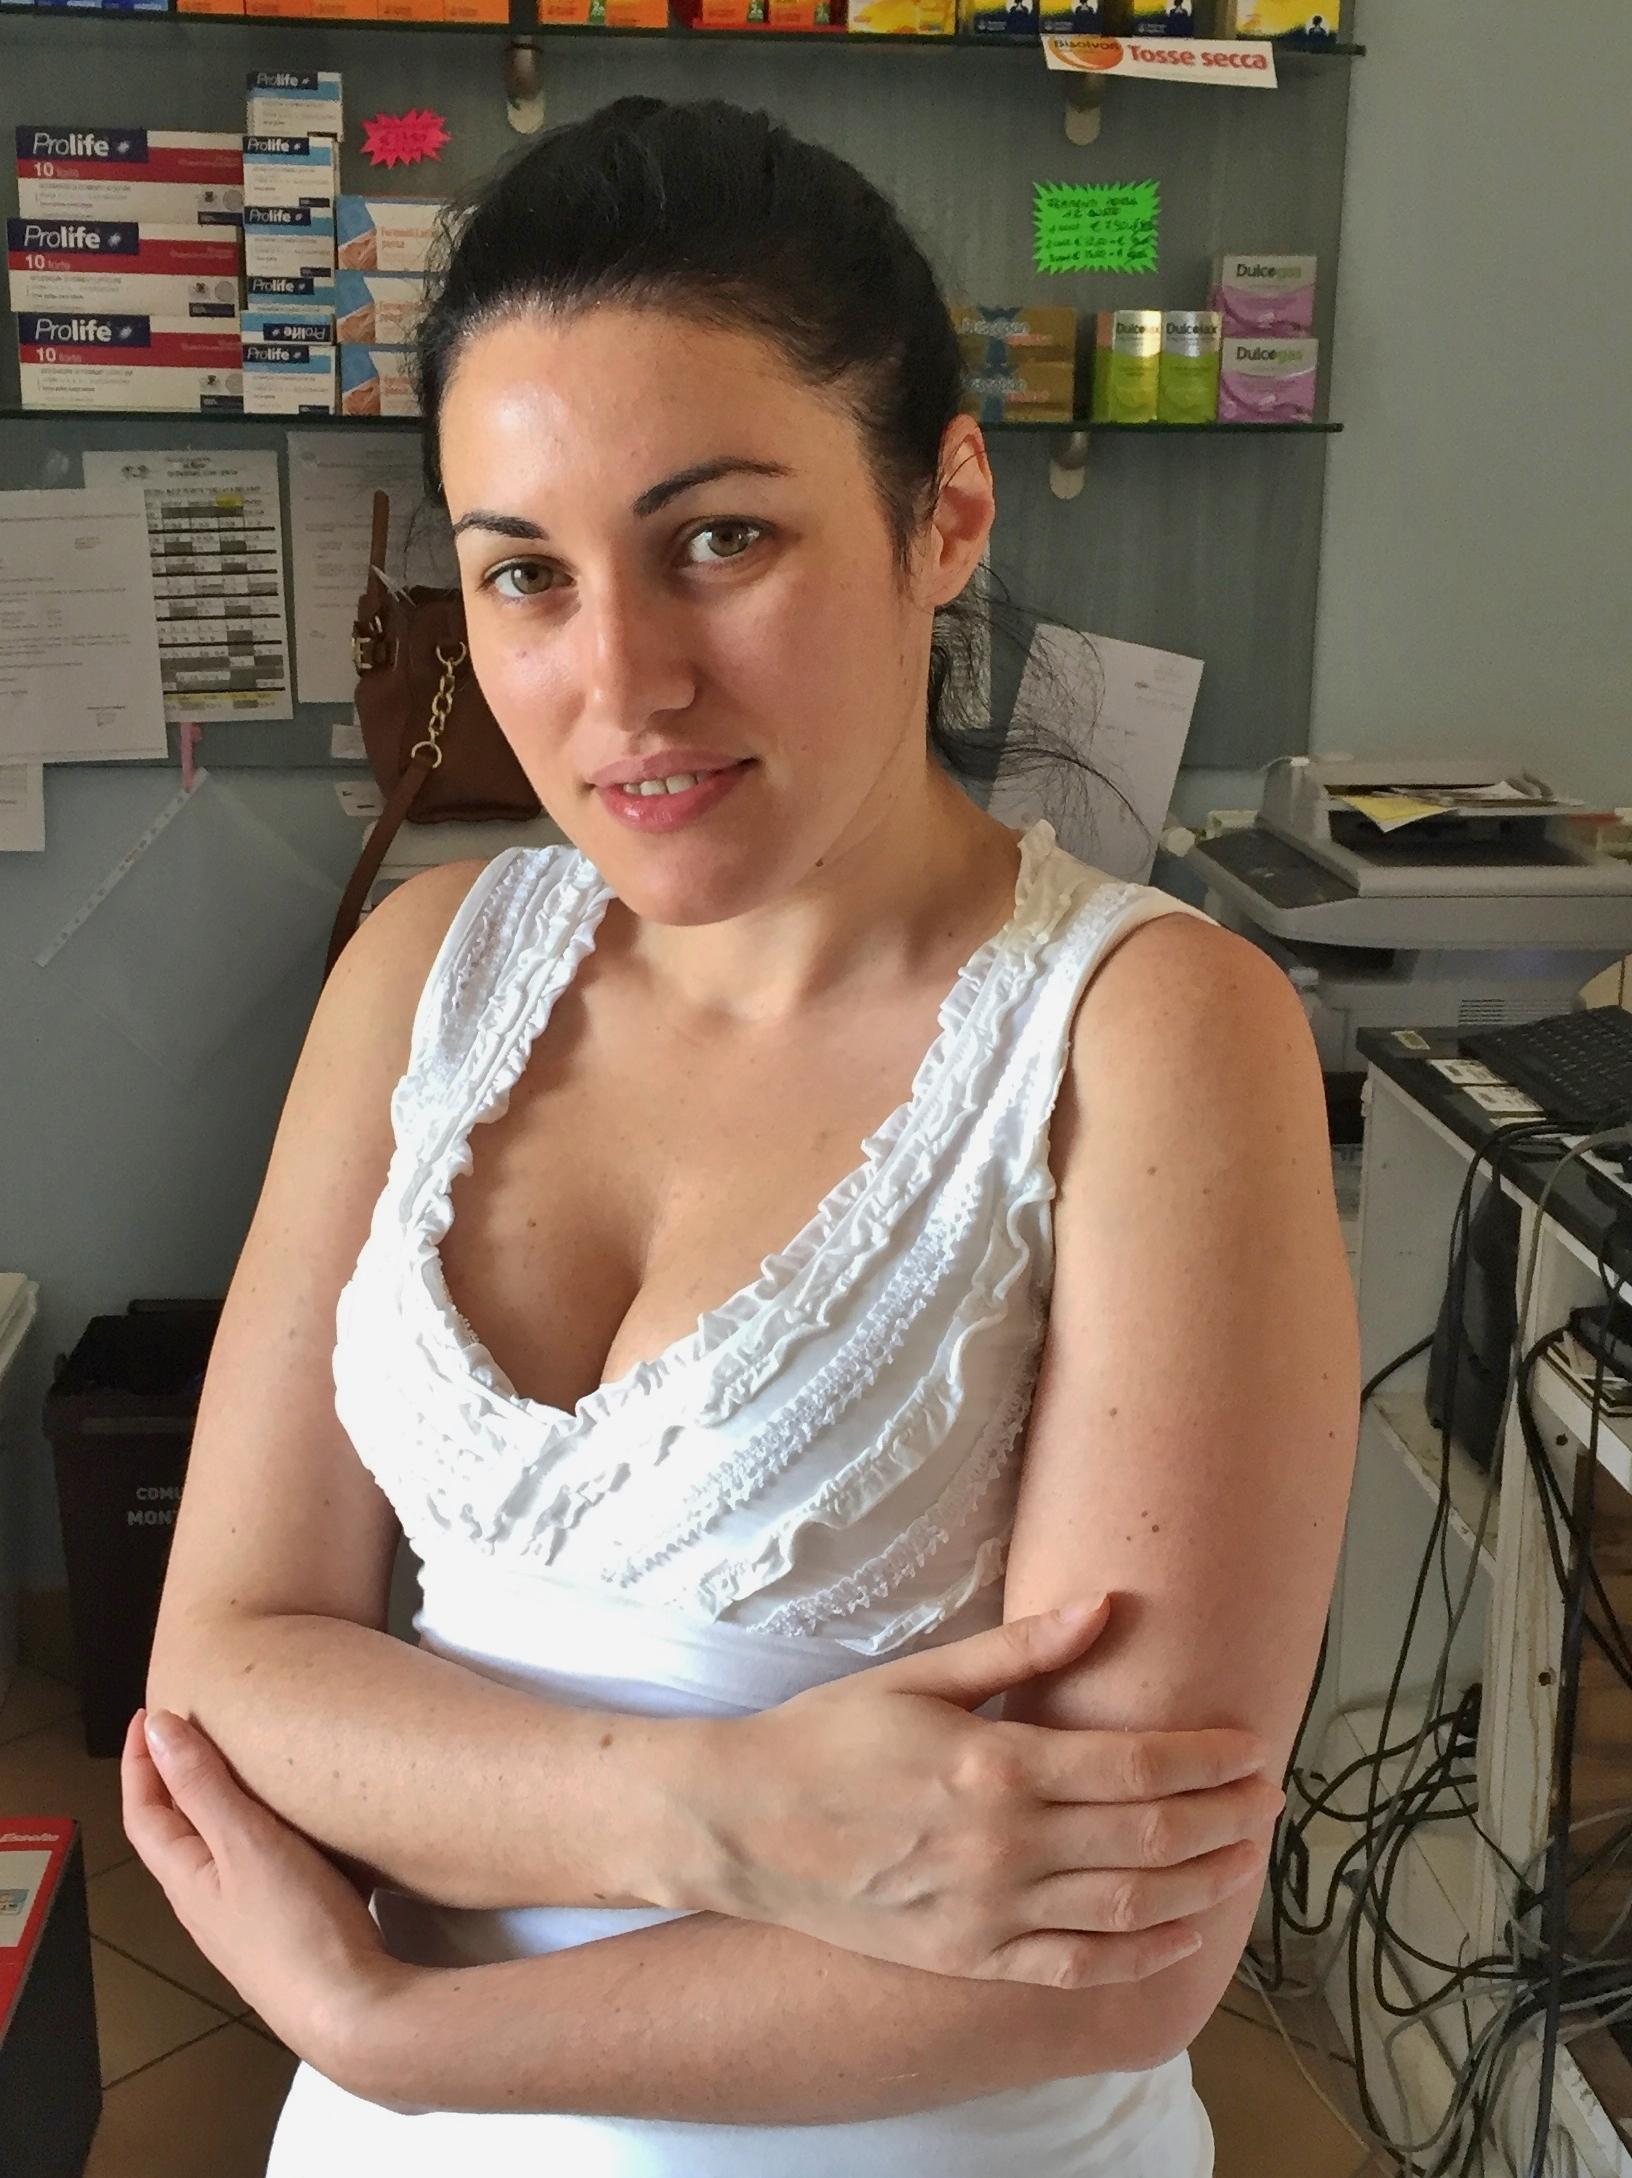 Pharmacist in pre smile....